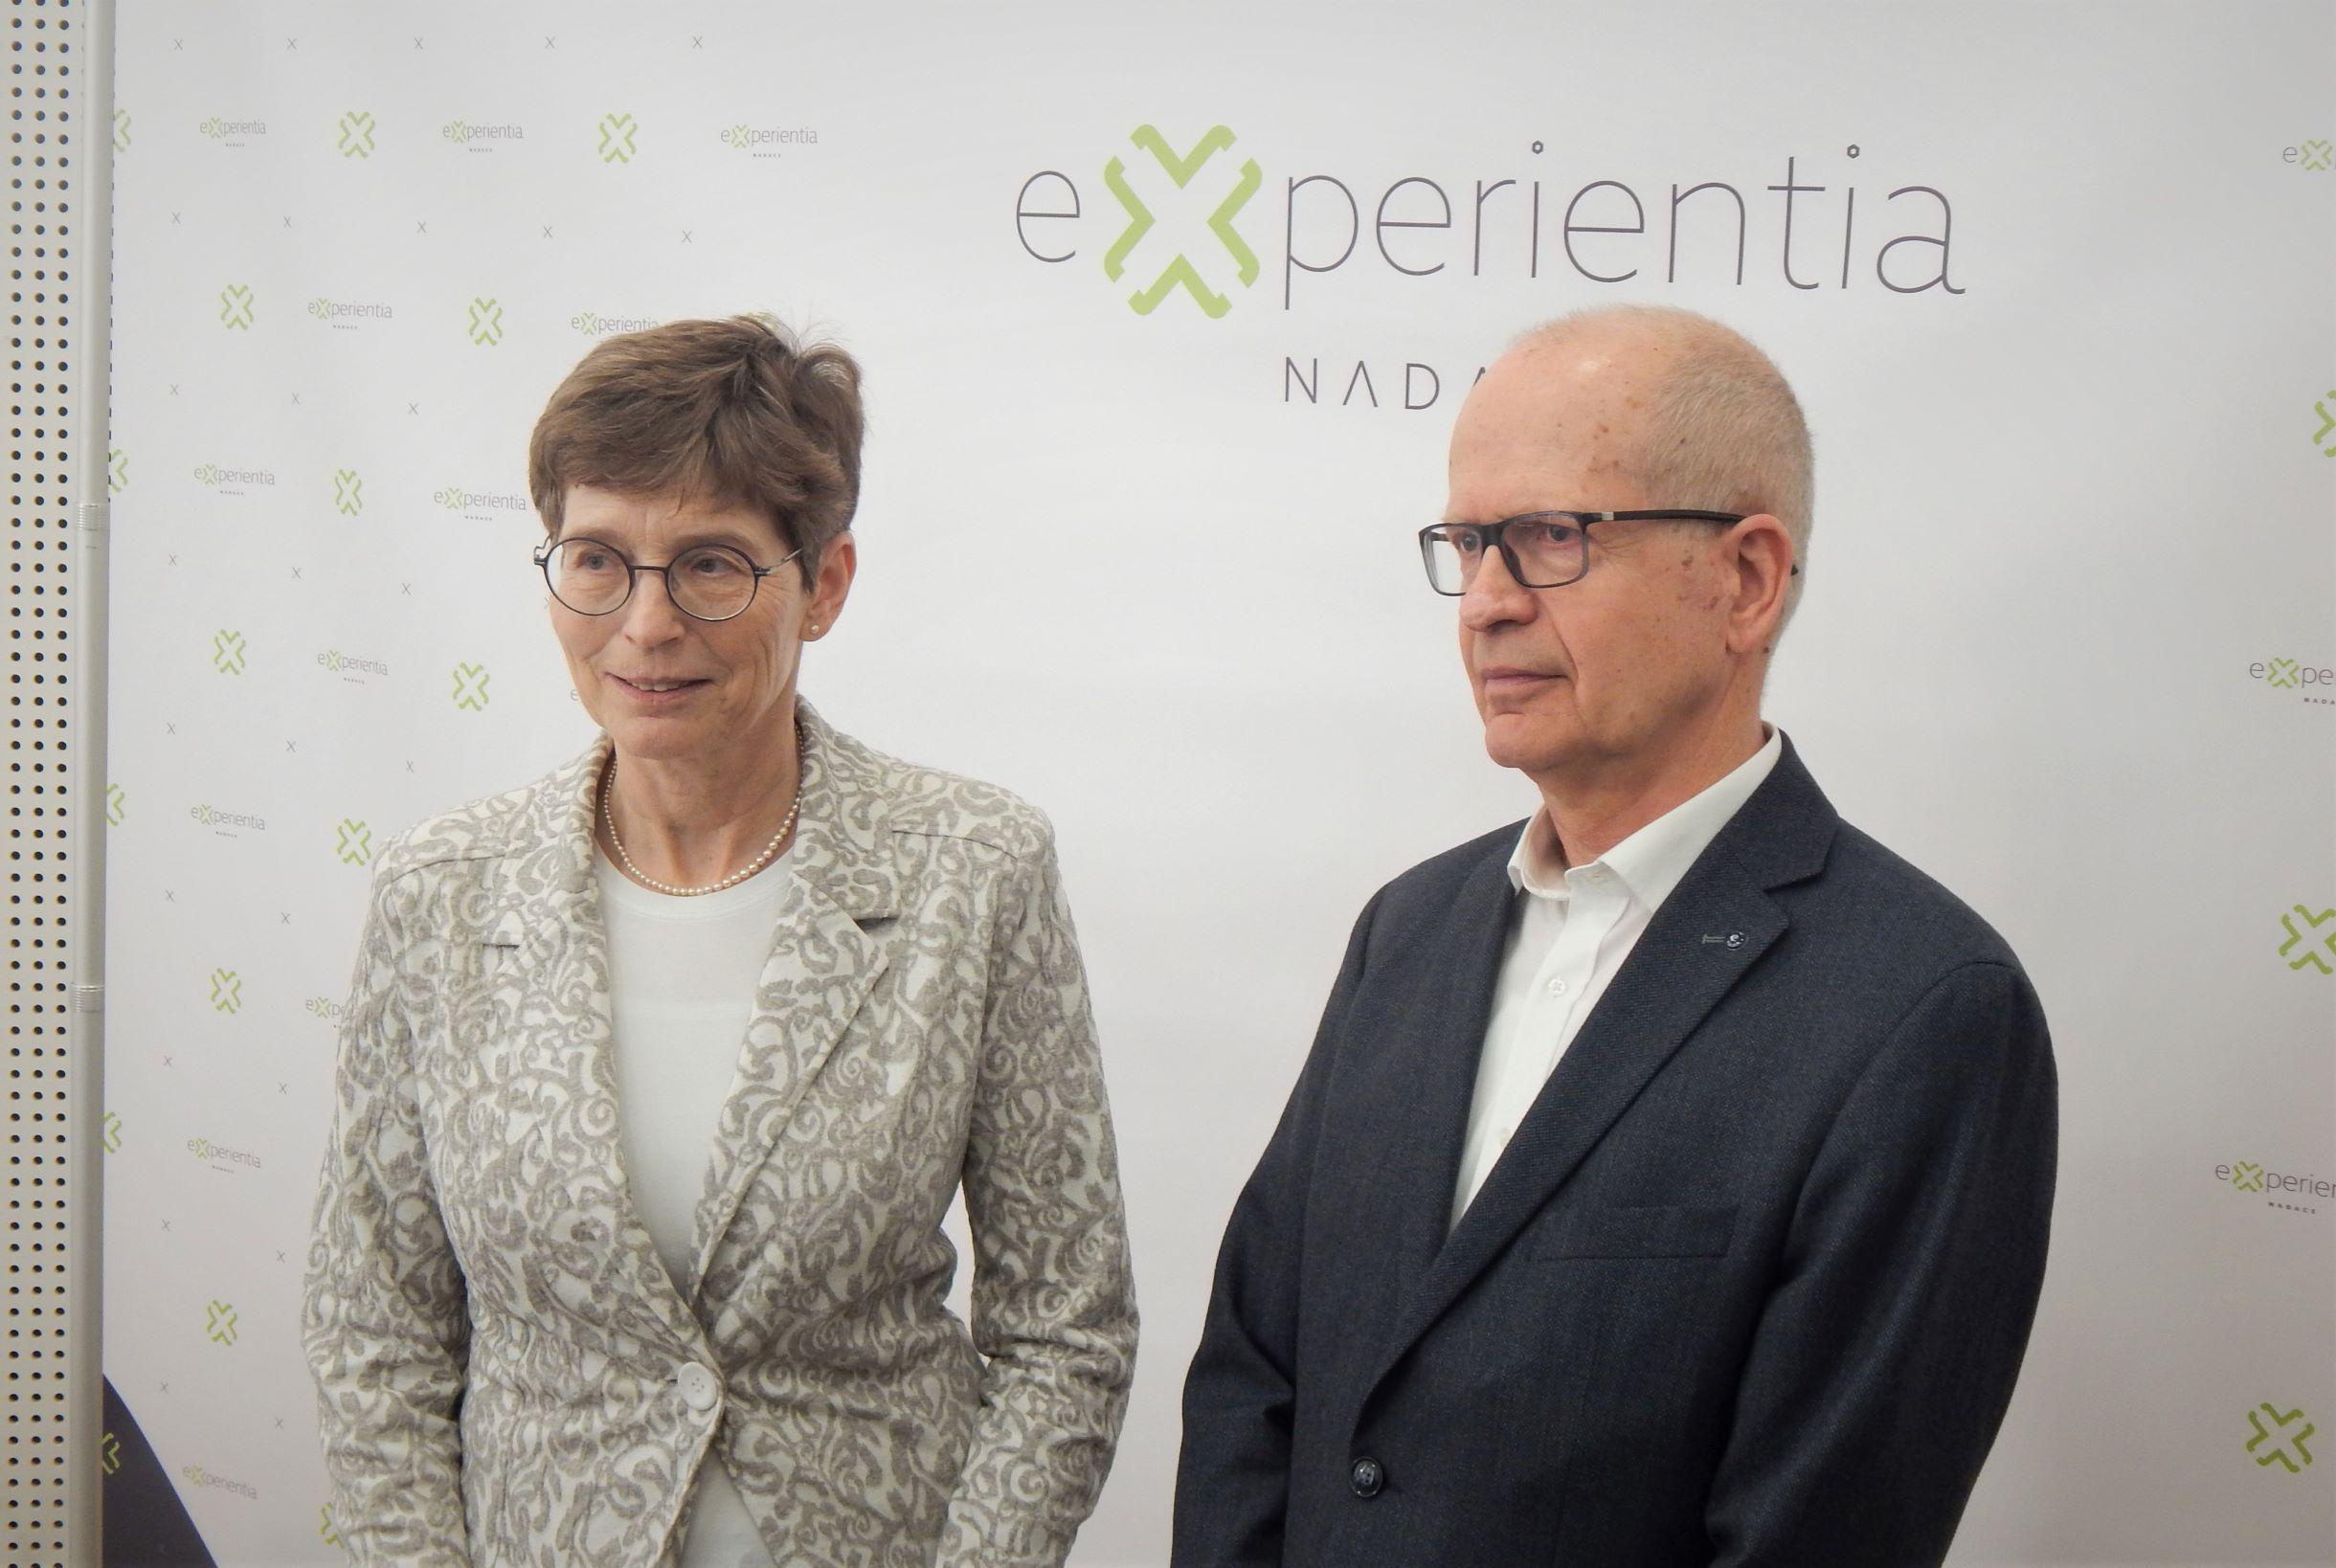 Vědavýzkum: Nadace Experientia - manželé Hana a Dalimil Dvořákovi.